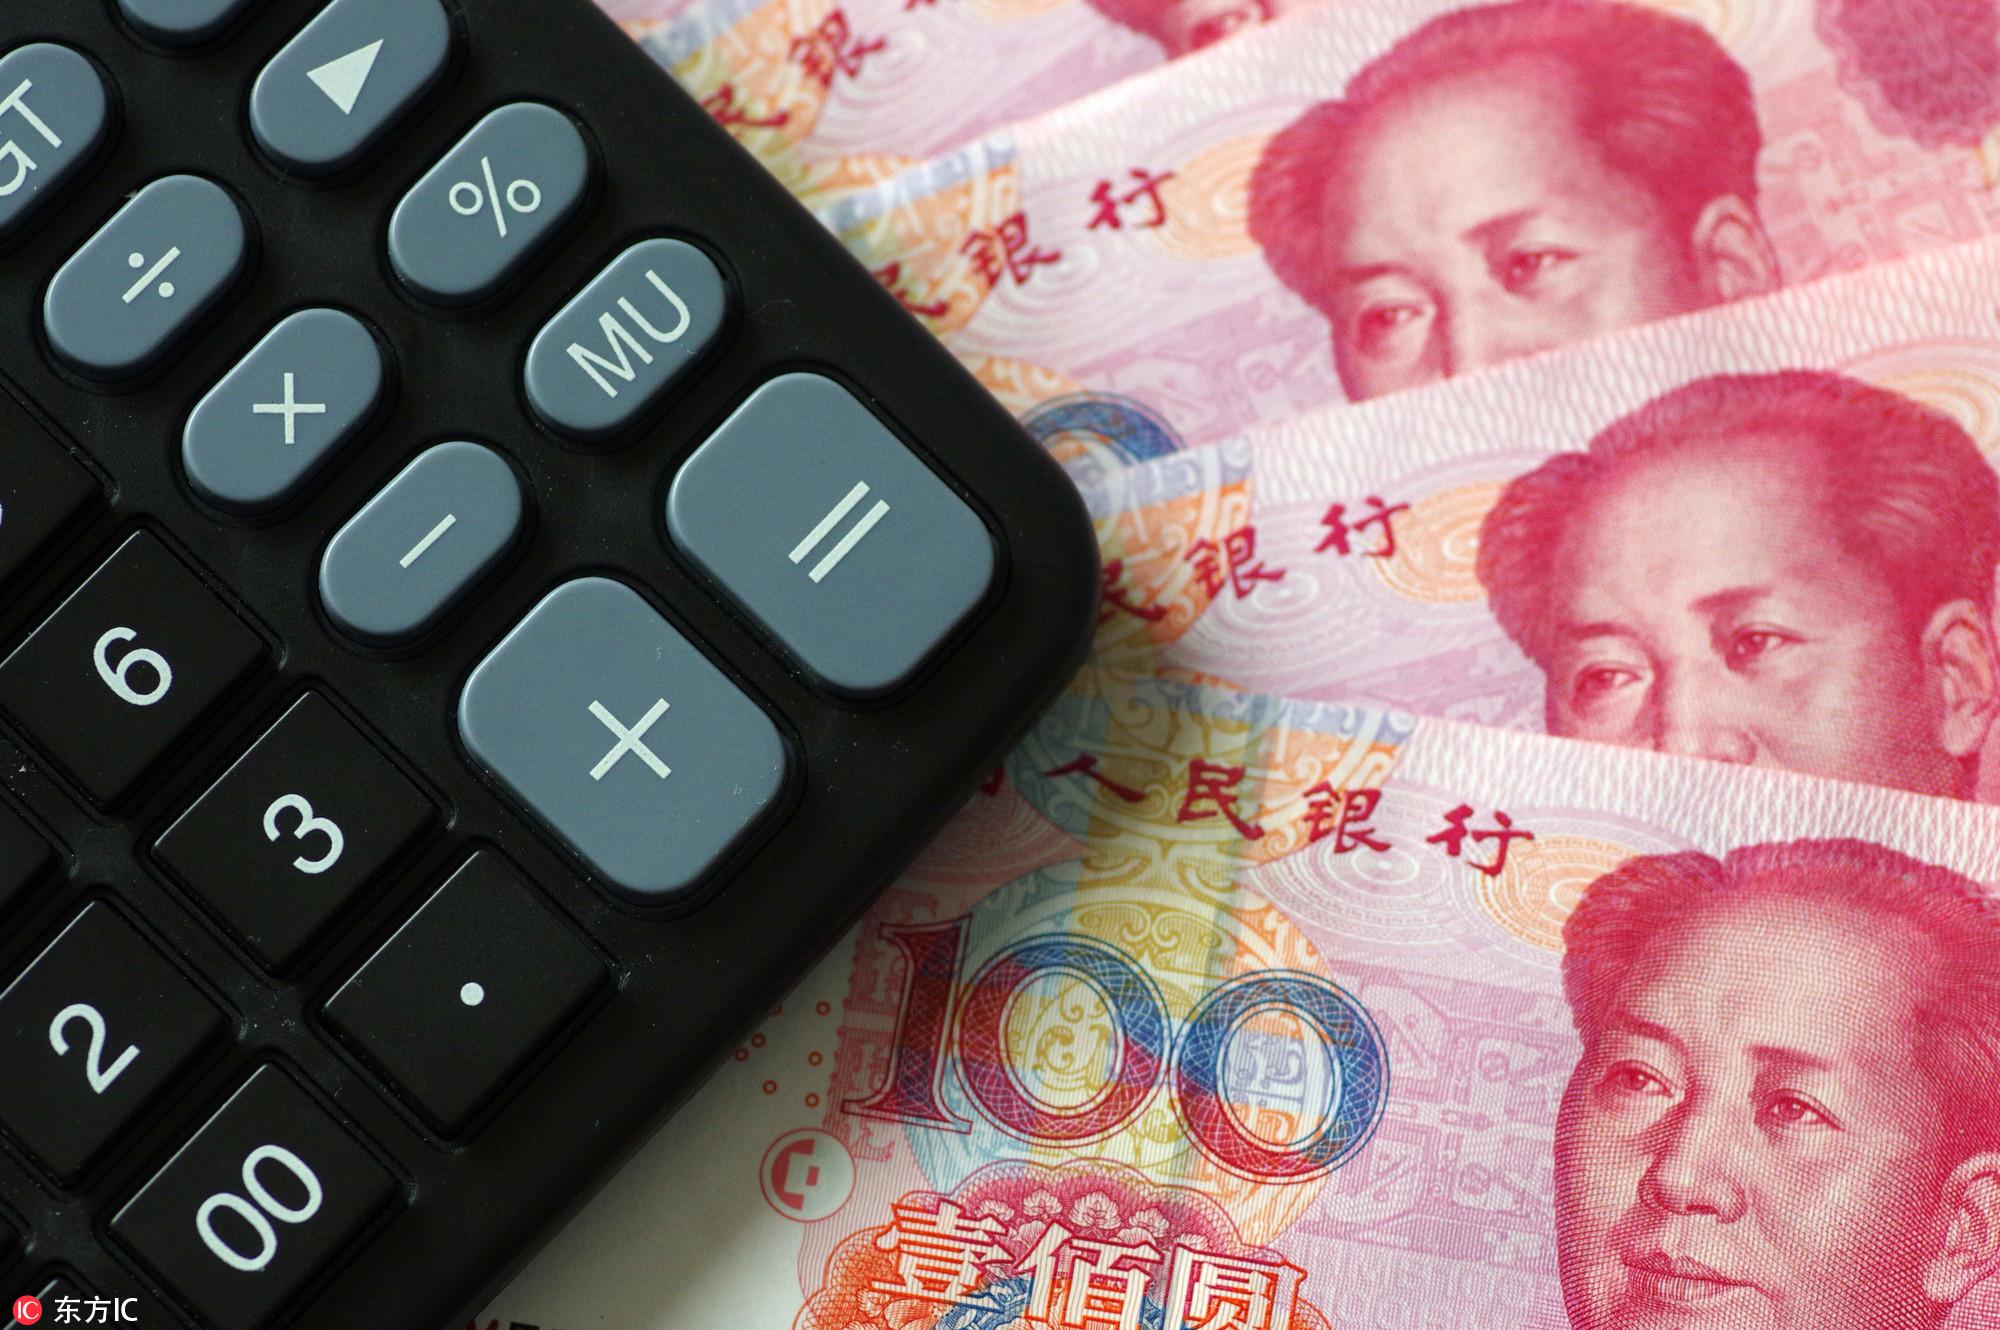 任泽平:中国是发达国家还是发展中国家?